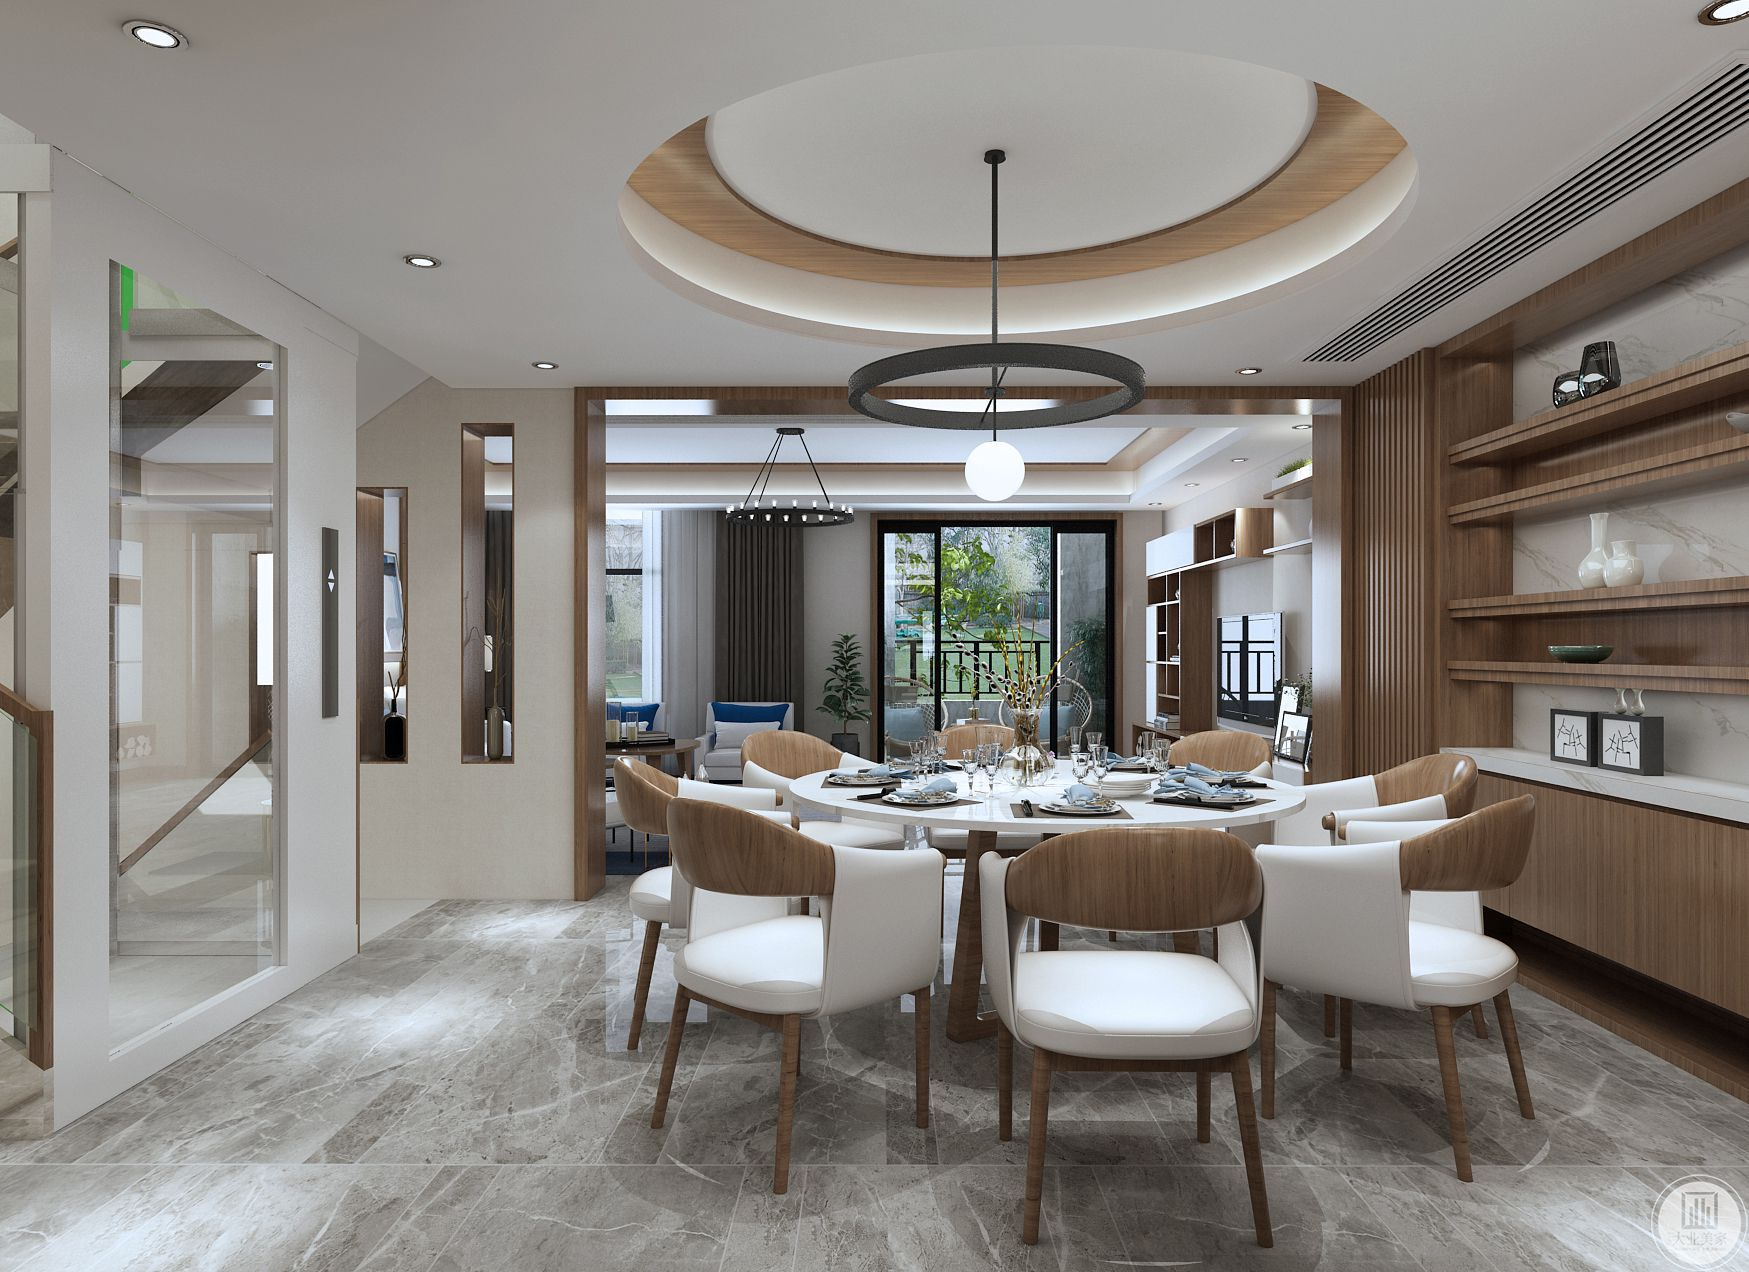 餐厅在追求自然与人文的融合方面非常简约优雅,圆形吊顶与圆形餐桌呼应,没有太多复杂的色彩和装饰。